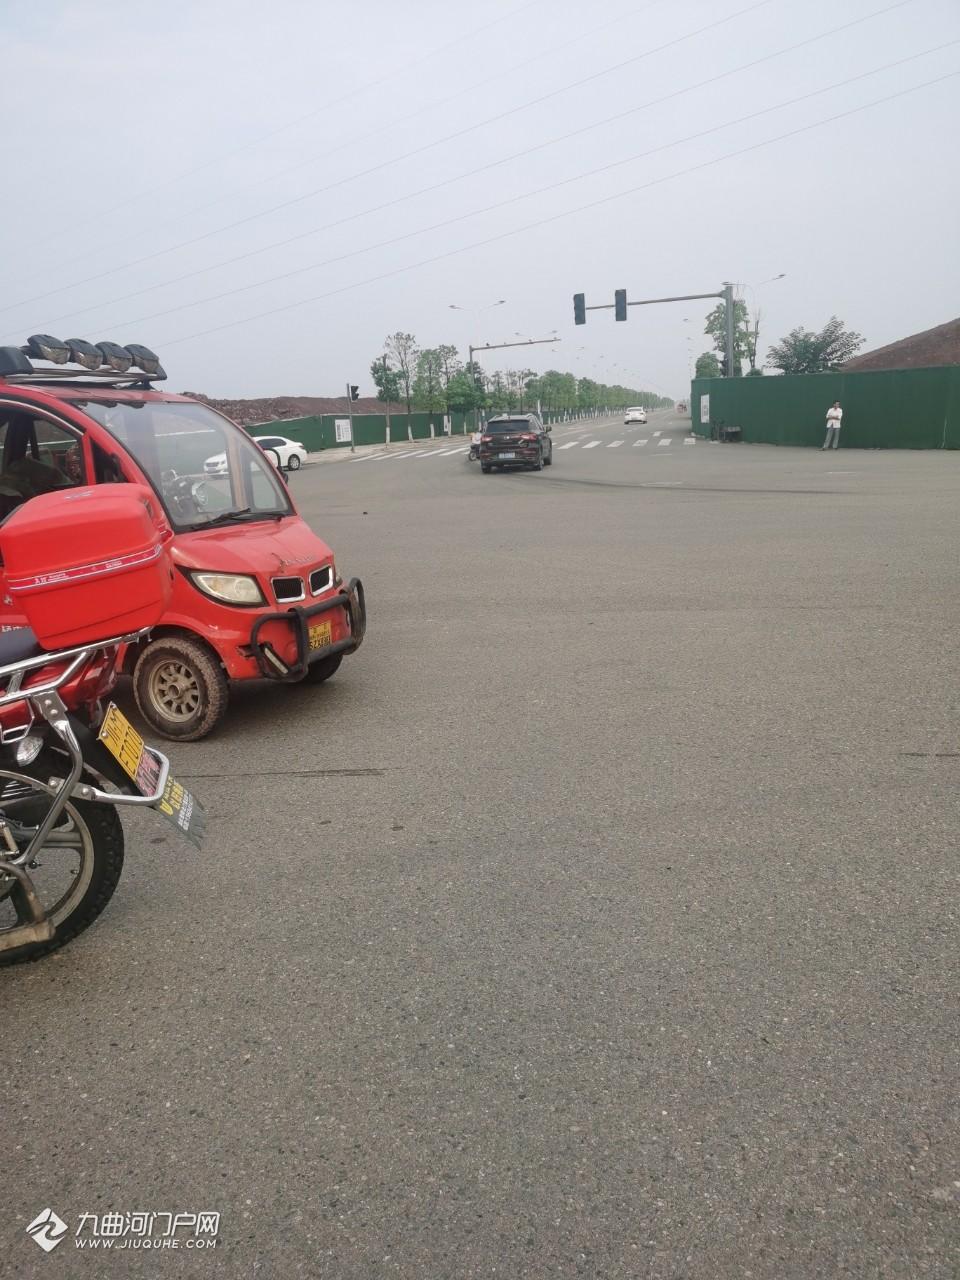 因红绿灯故障,资阳茶花苑这边三天两头出车祸!这次有点严重,小车被撞散架了...